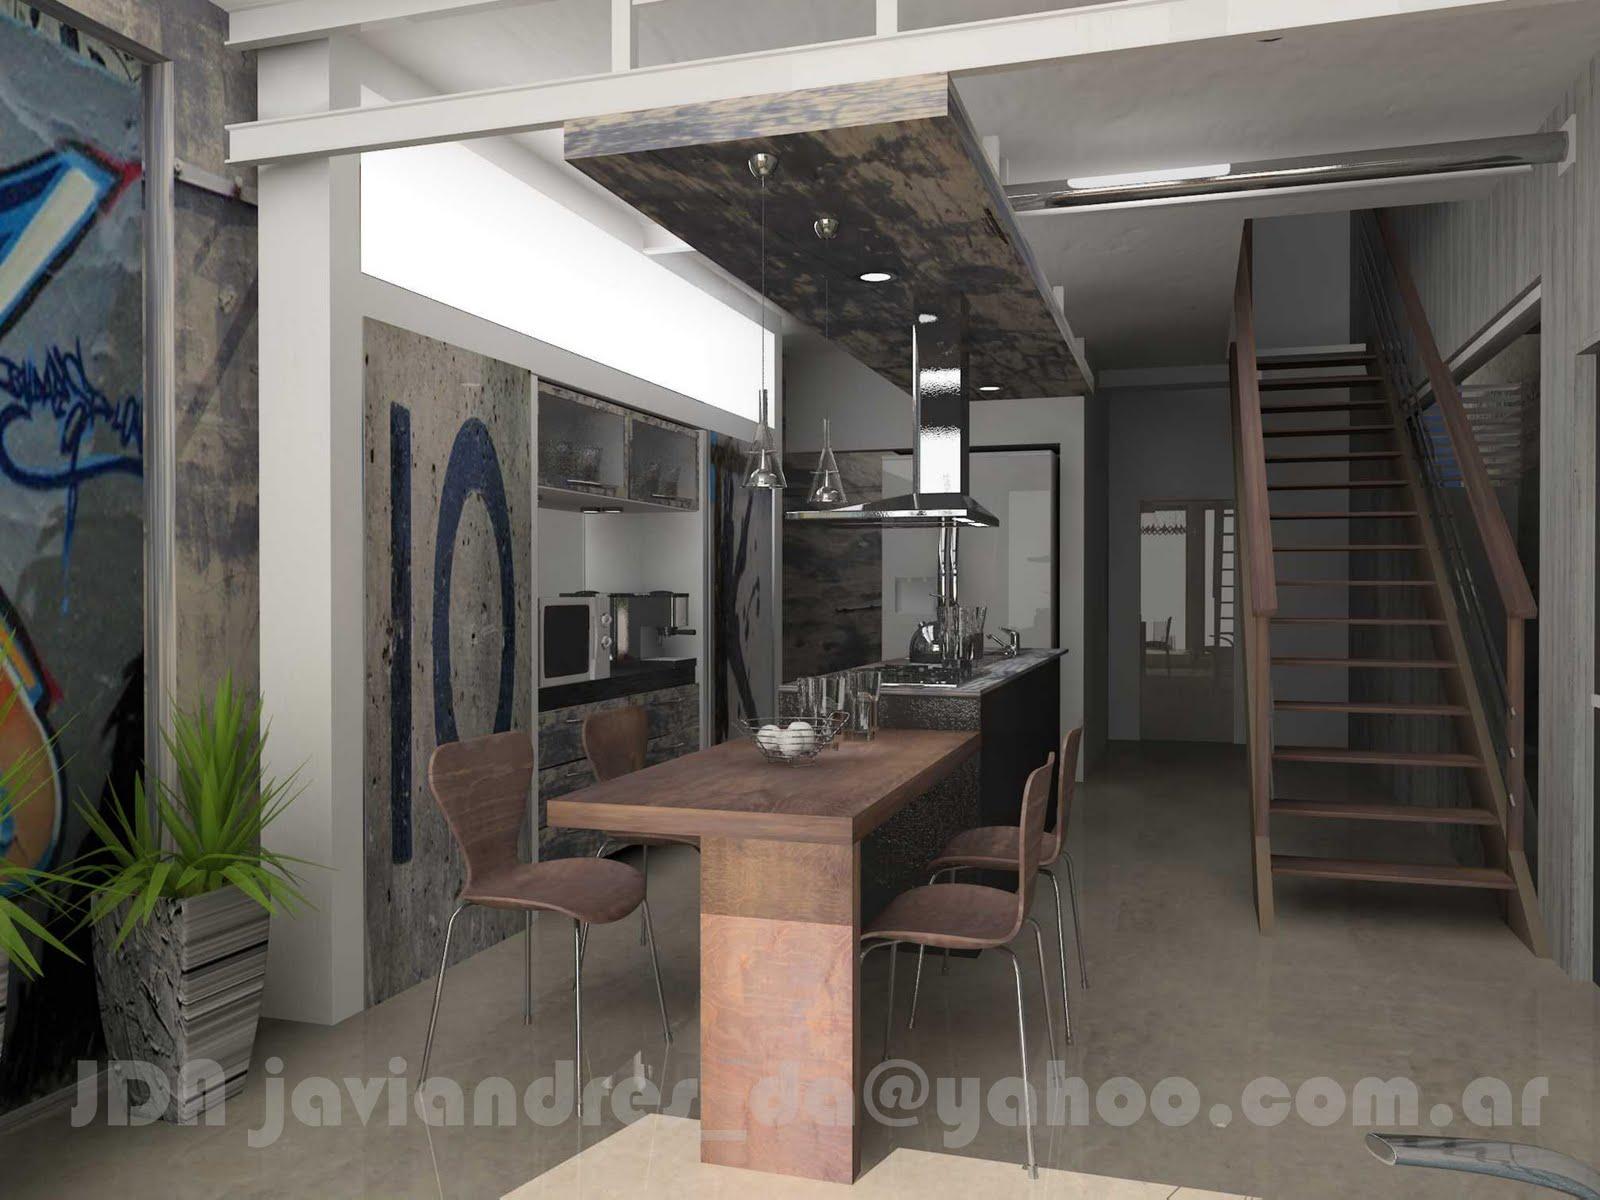 Dise o de interiores urbano for Diseno de interiores en 3d